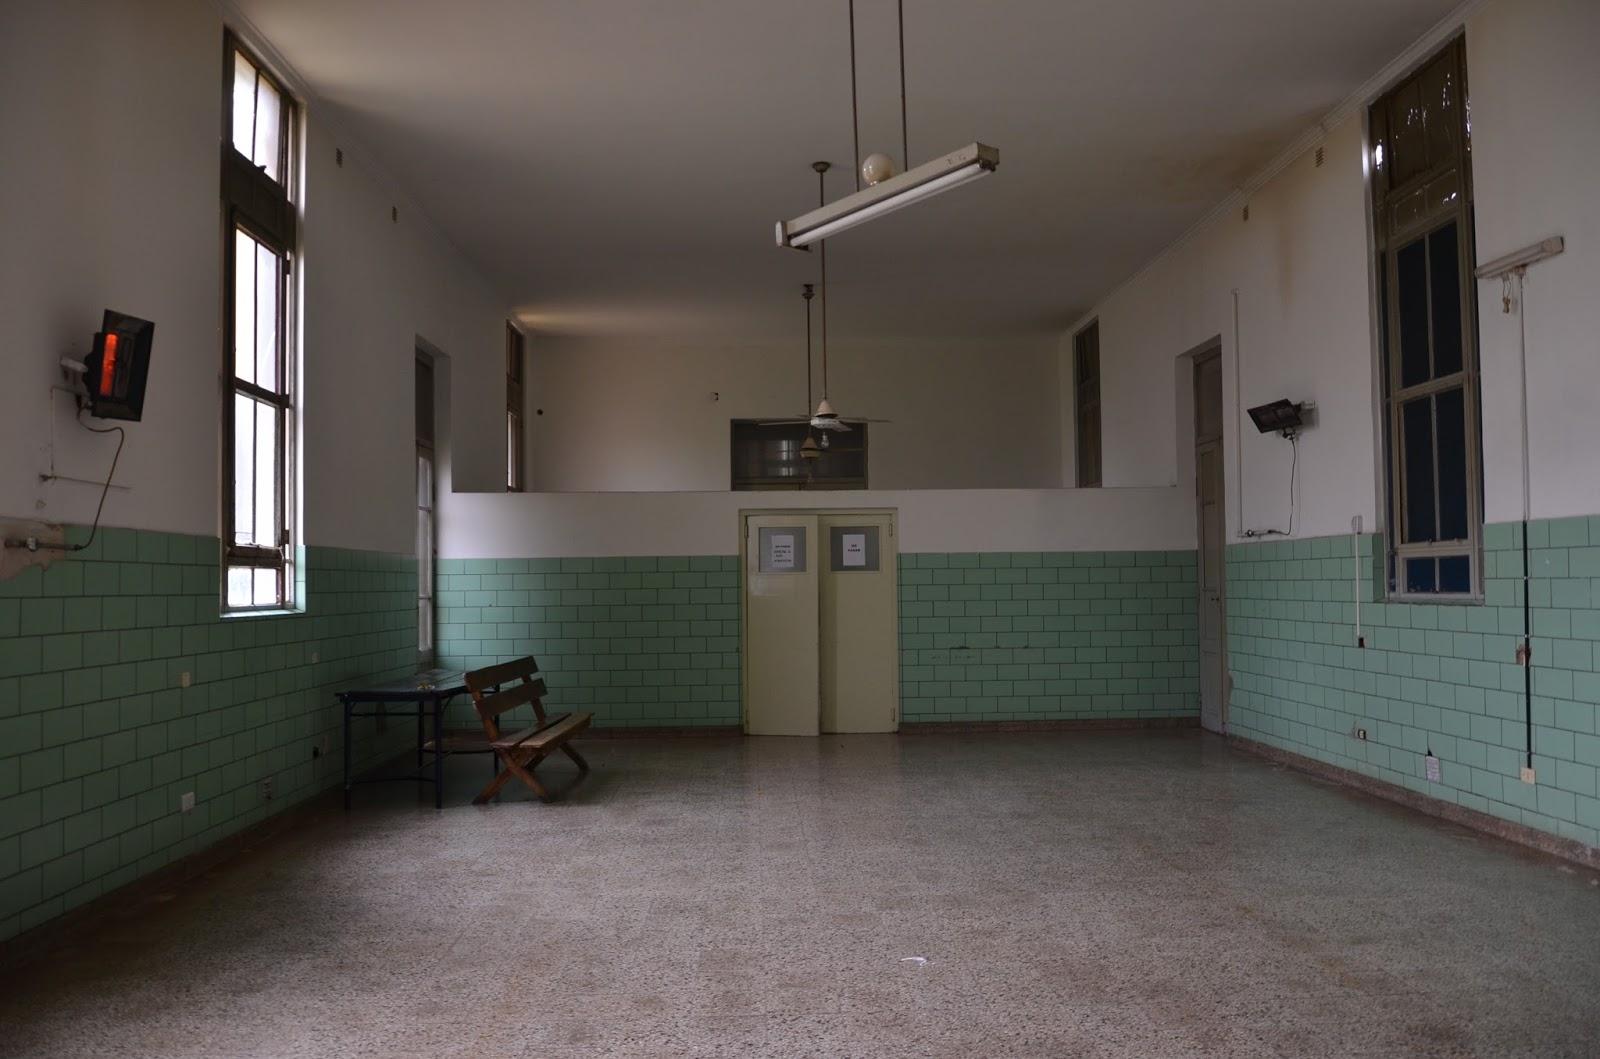 Las condiciones del Hospital Psiquiátrico no son las mejores y el concejal Cristian Settembrini presentó un proyecto para que aclaren la situación del centro asistencial.